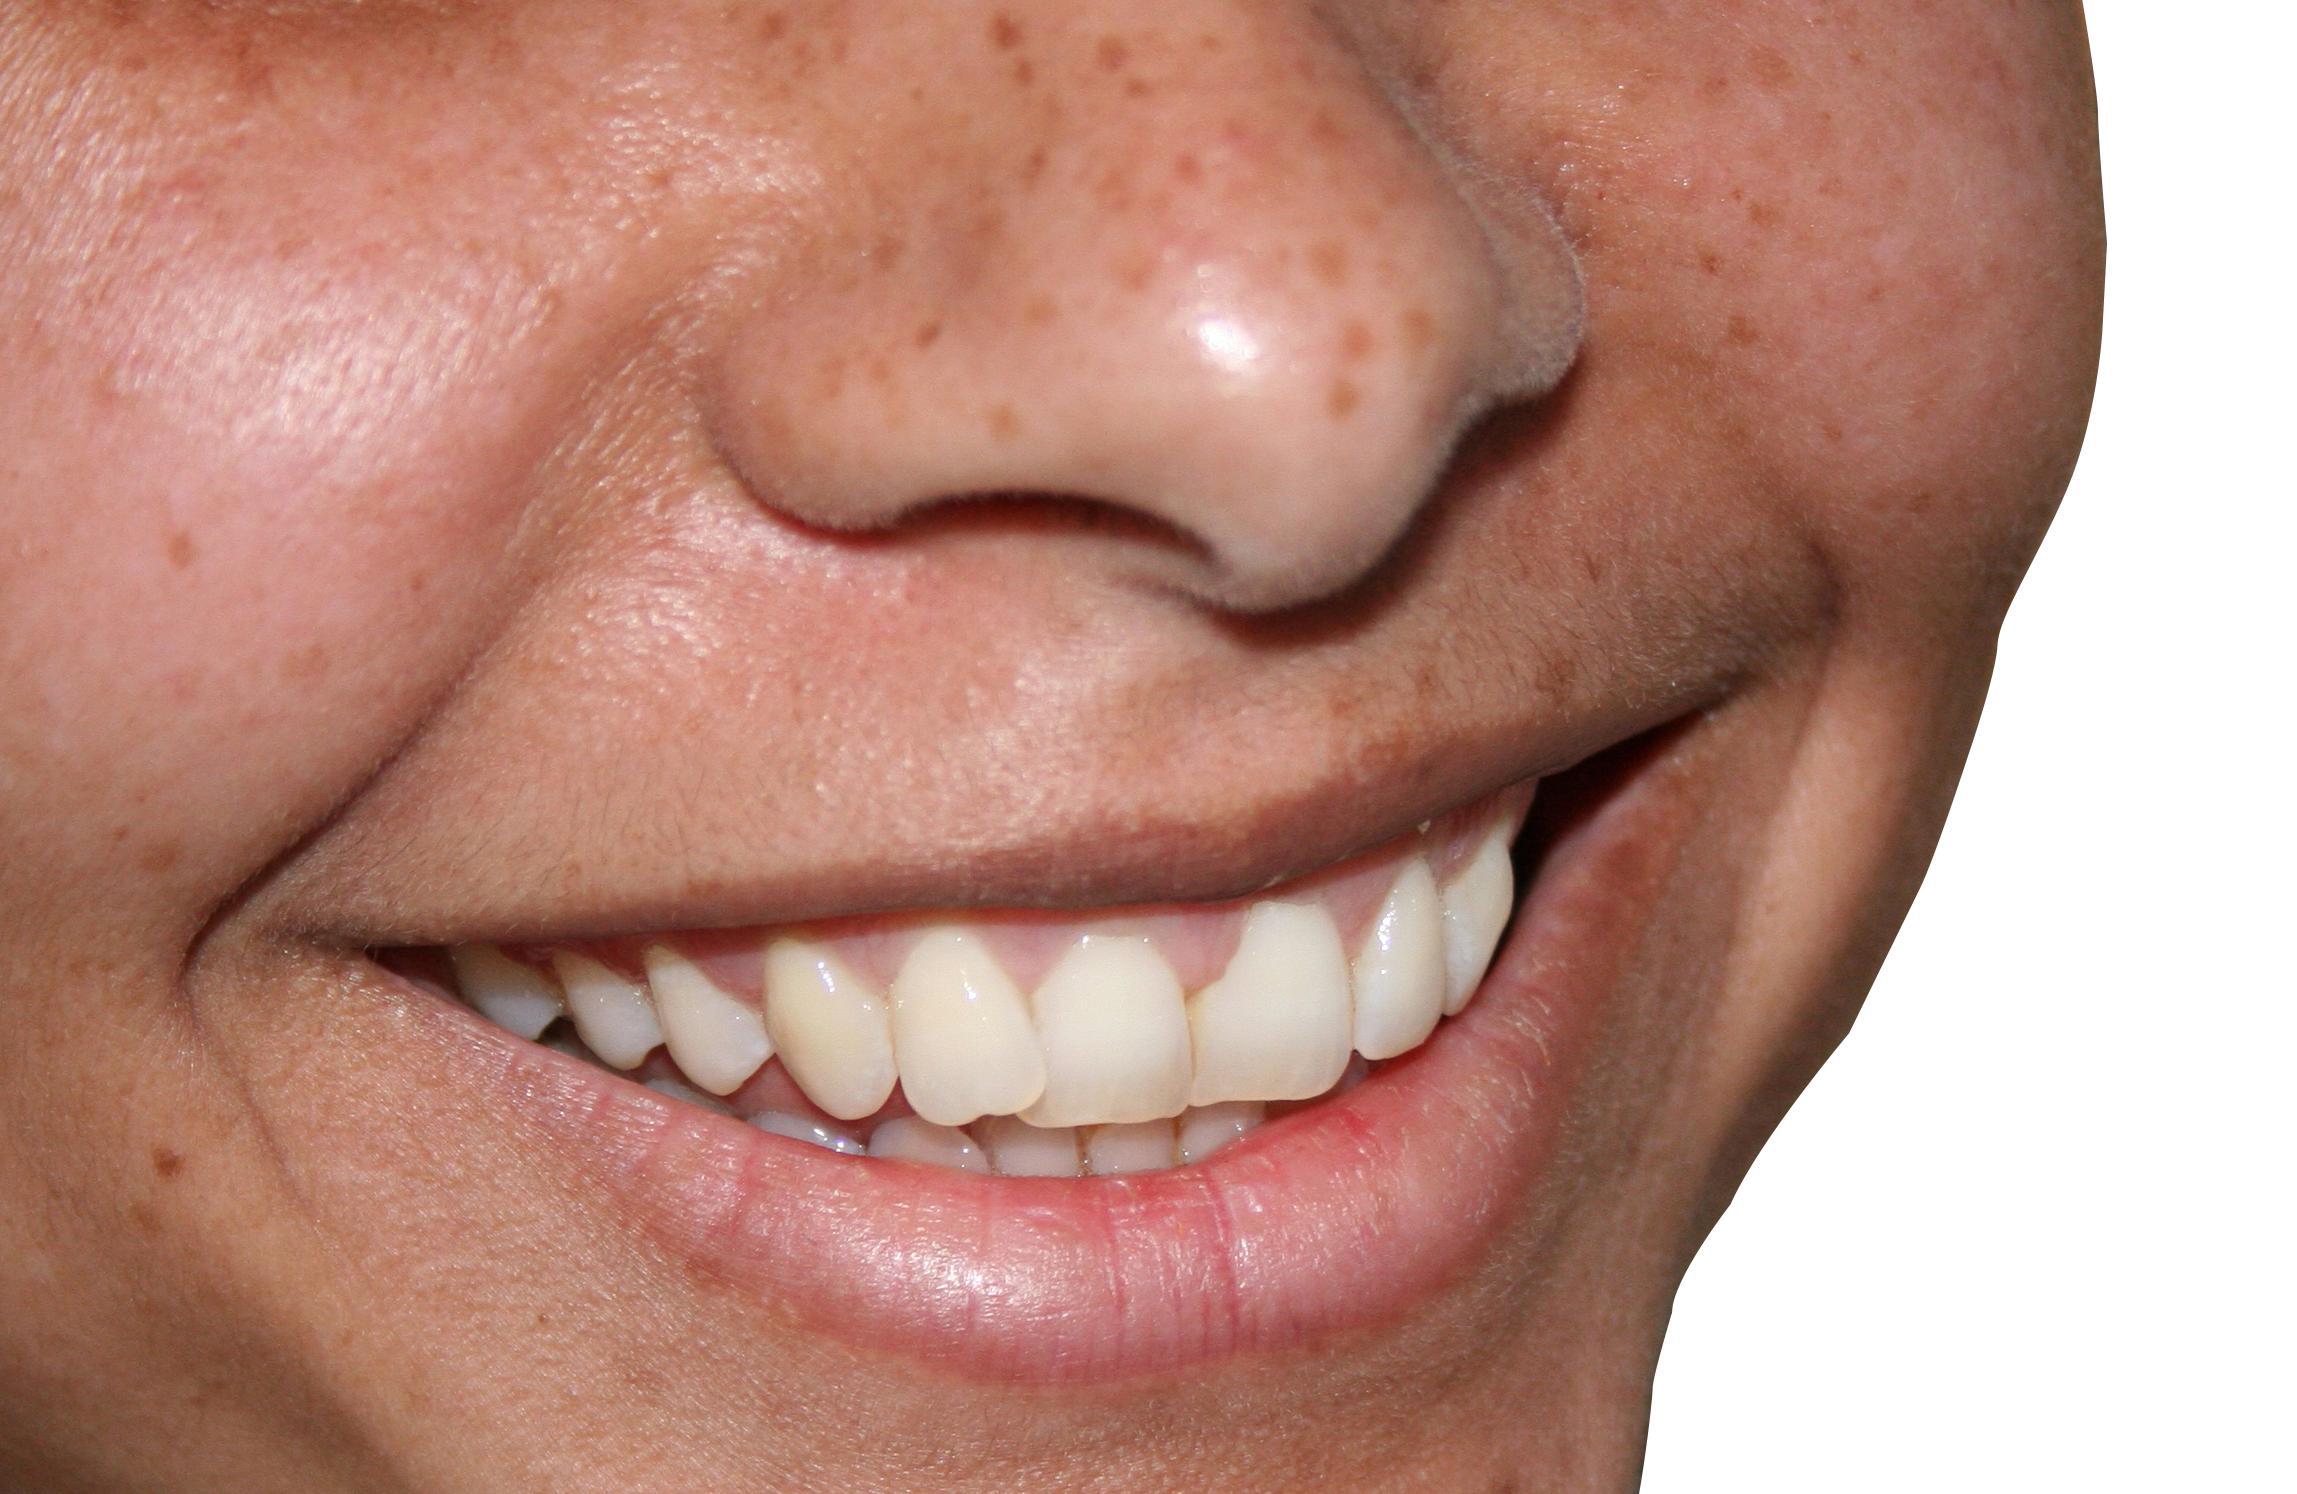 Foto 1 de Dentistas en Córdoba | Clínica Dental Dr. Marzo Martínez